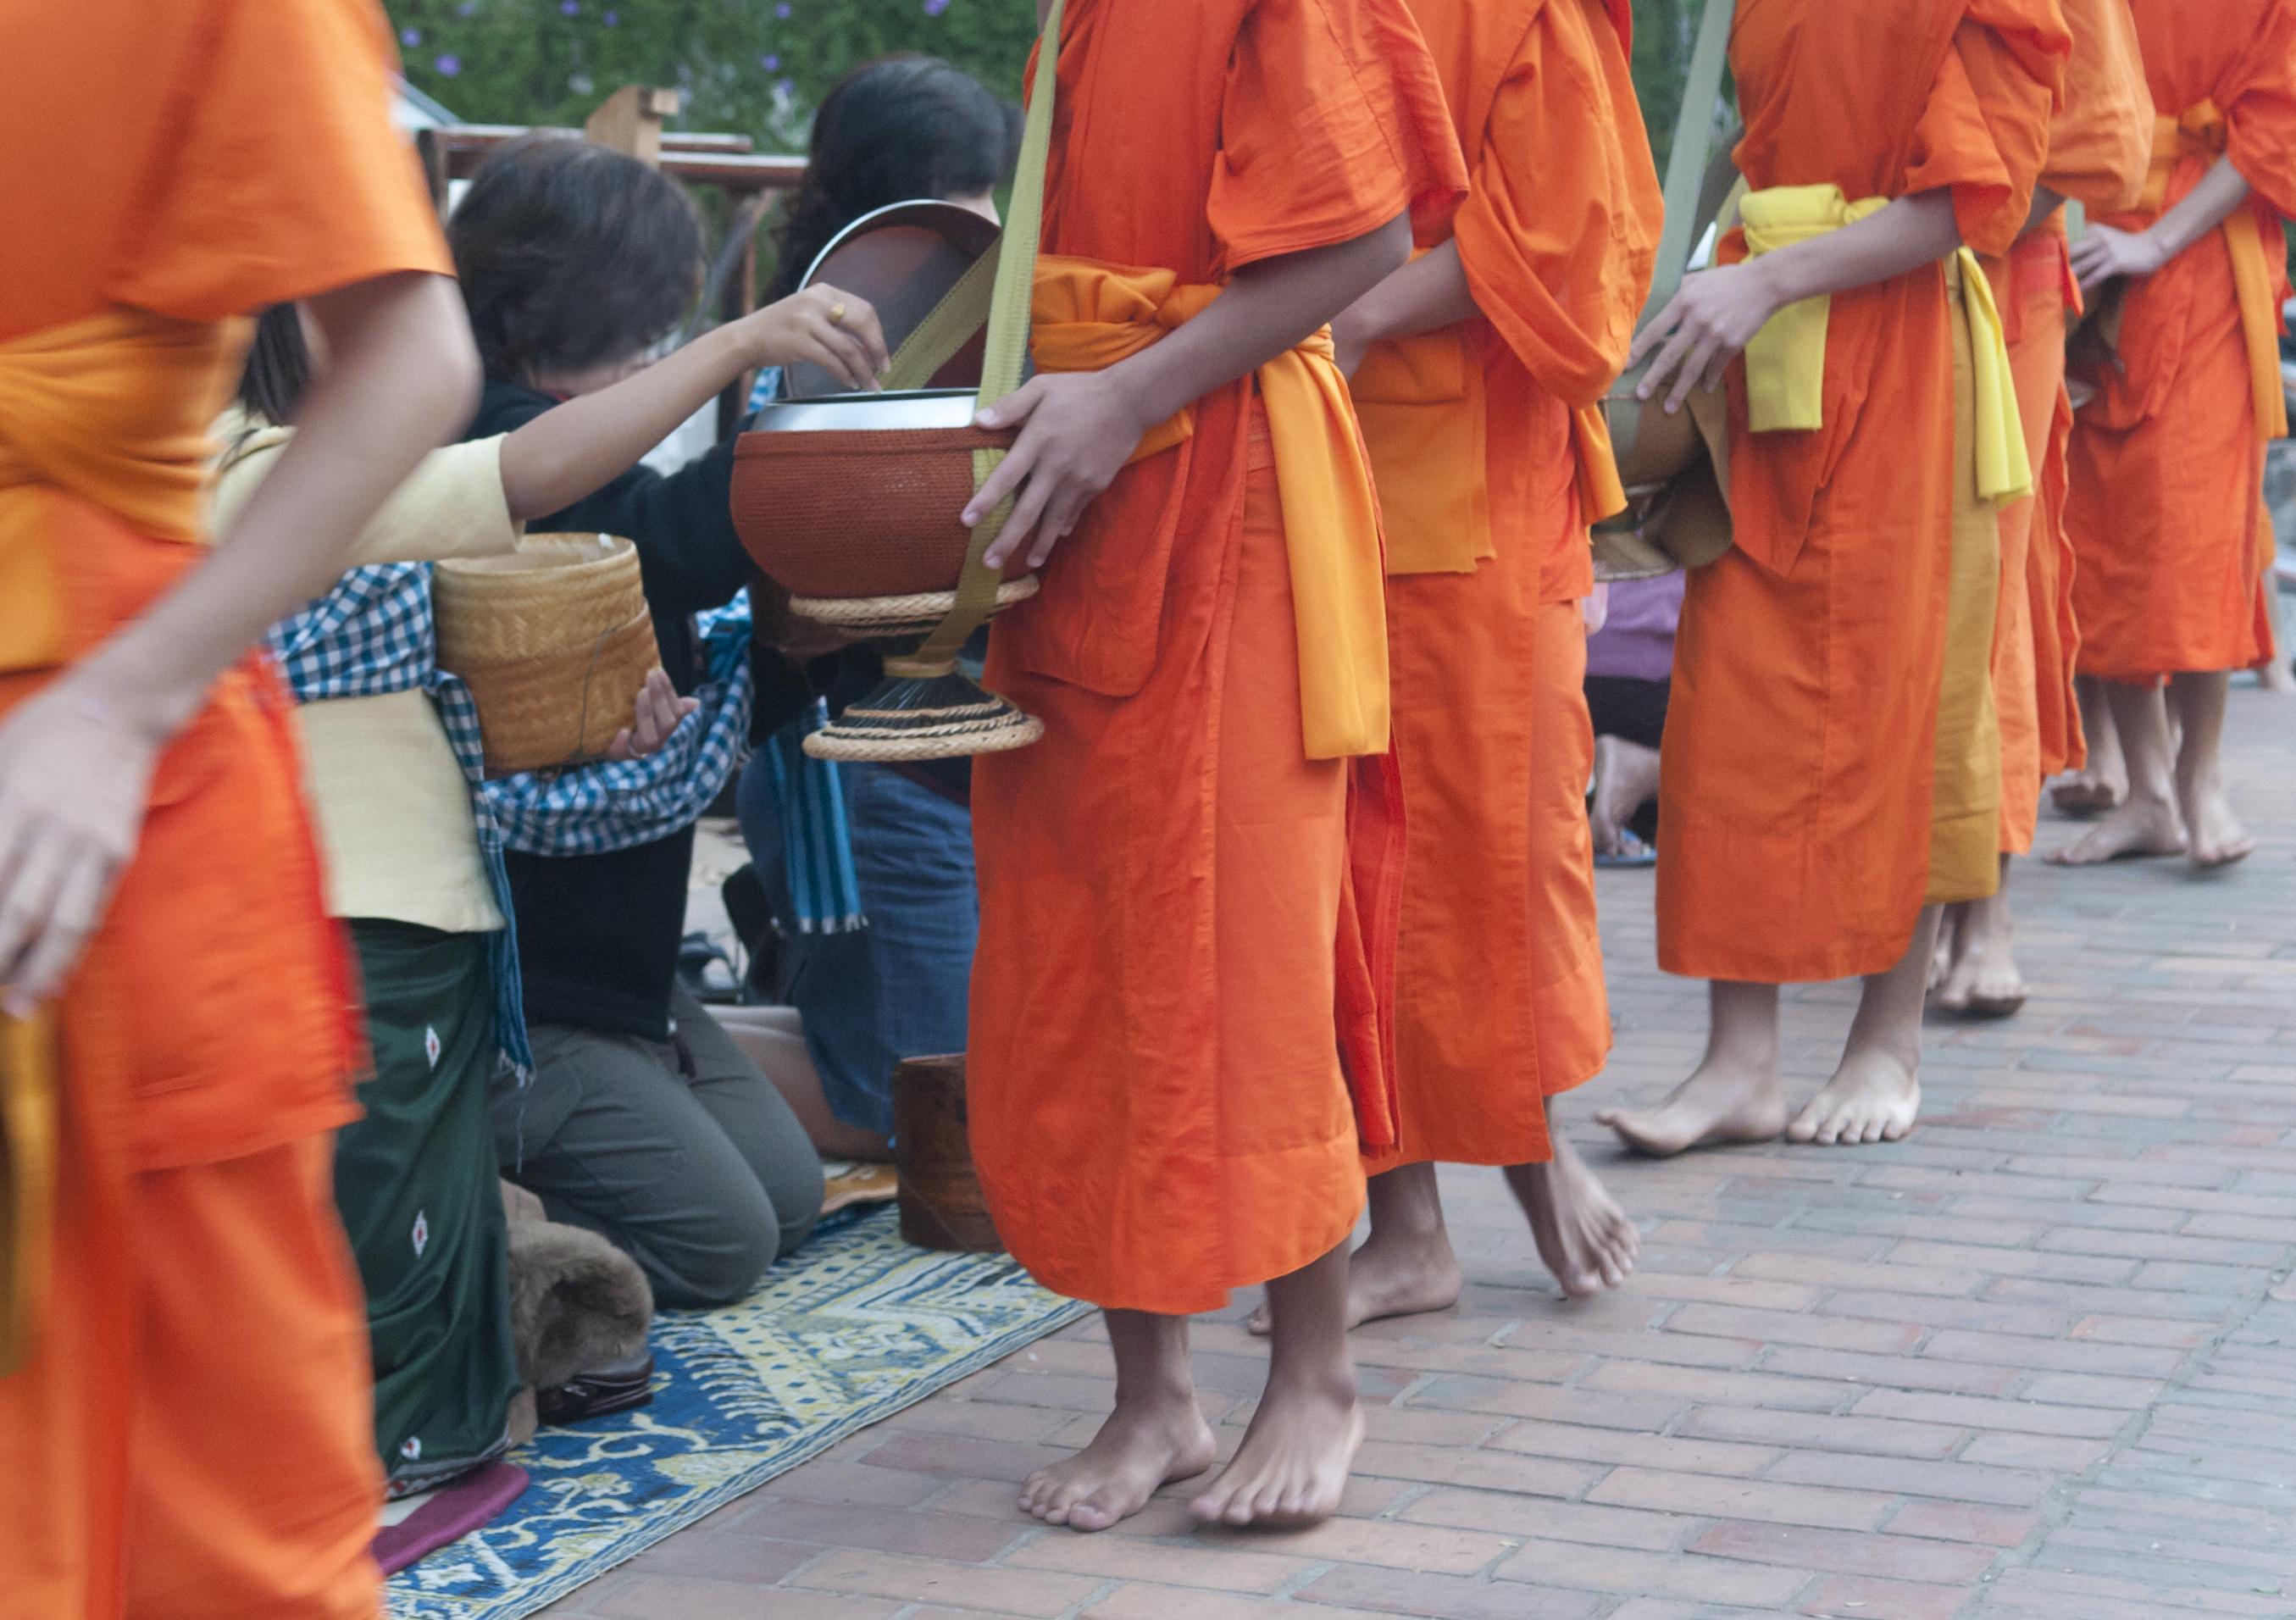 Participar en el ritual de entrega de limosna a los monjes - Vietnam Gran Viaje Gran Tour de Indochina